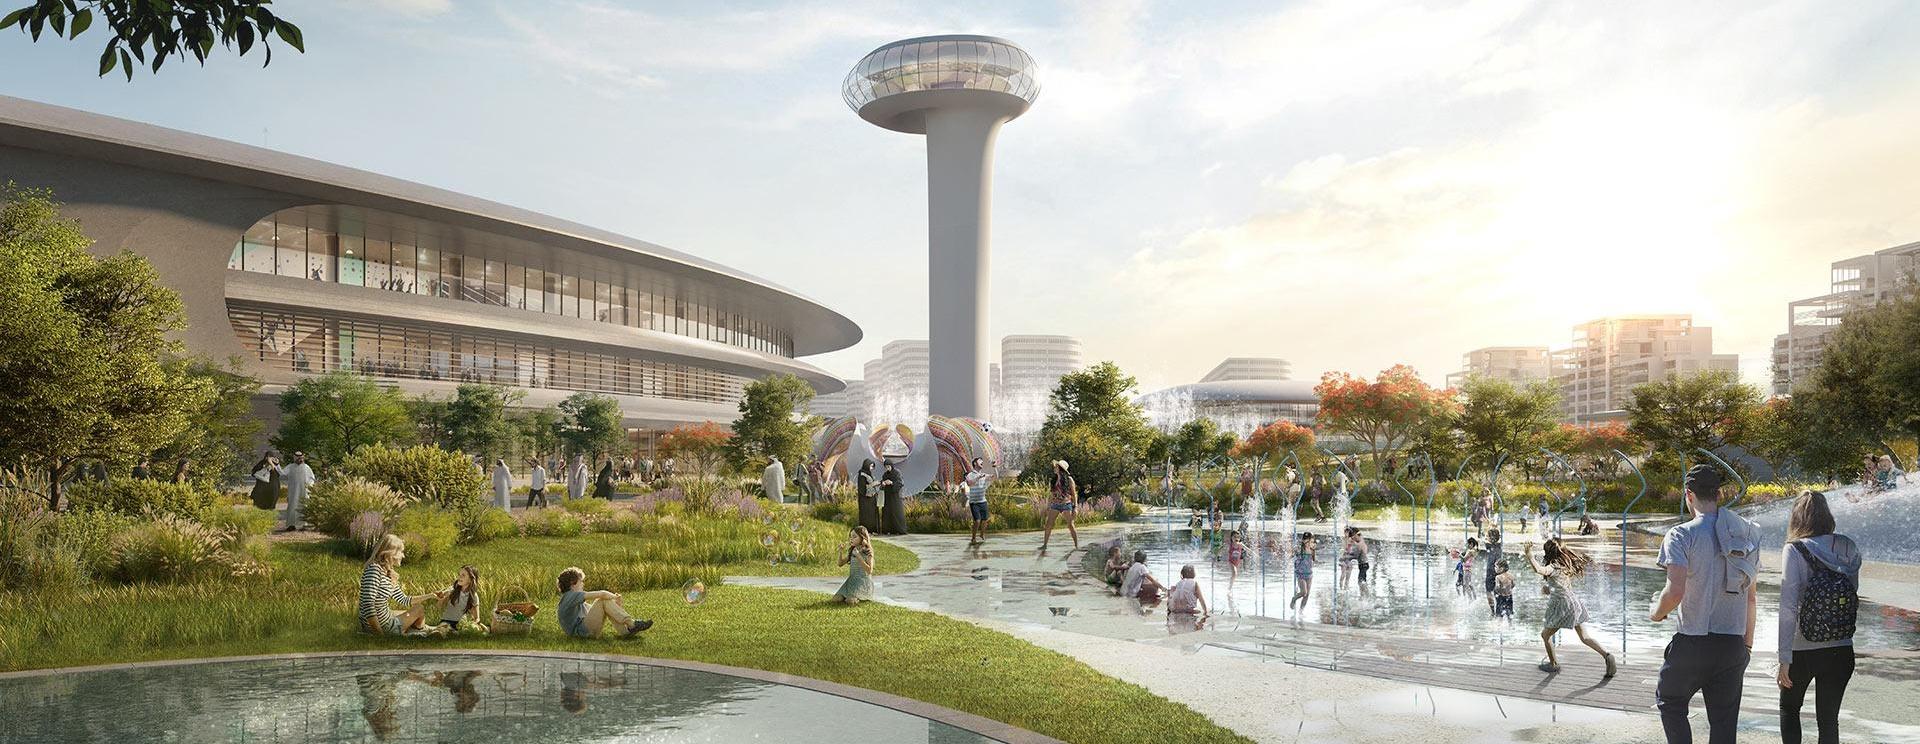 Ve Spojených arabských emirátech bude vybudováno odpočinkové centrum podle návrhu Zahy Hadid